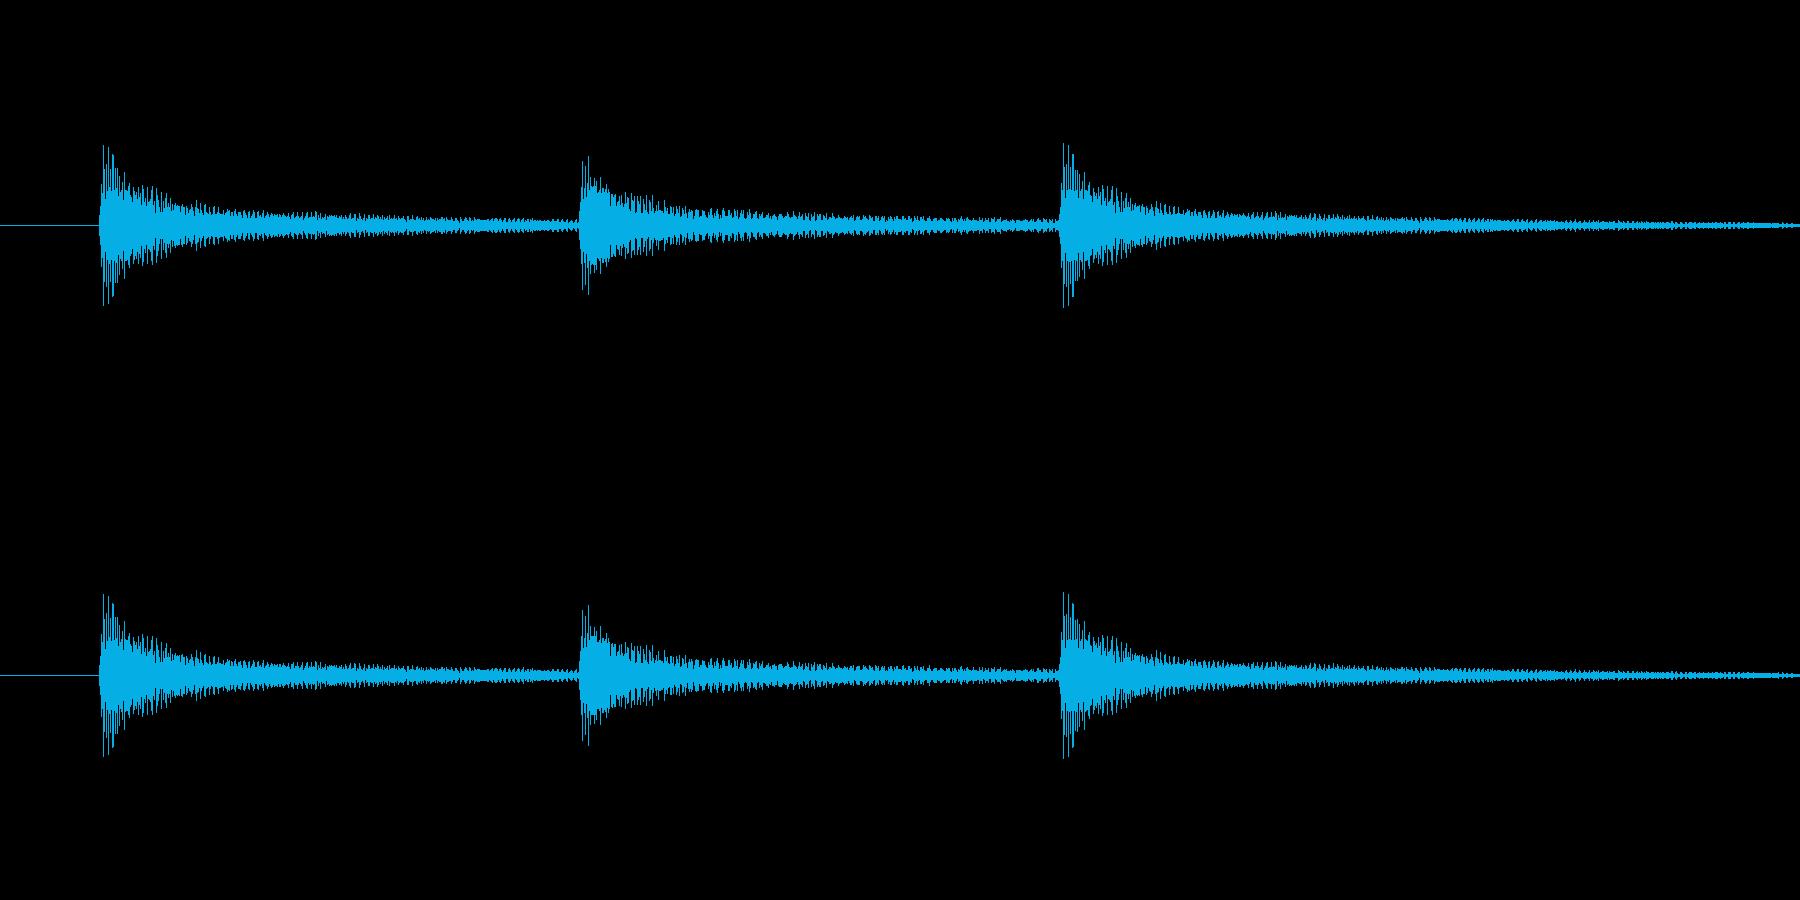 起立礼の時に演奏するピアノ音の再生済みの波形